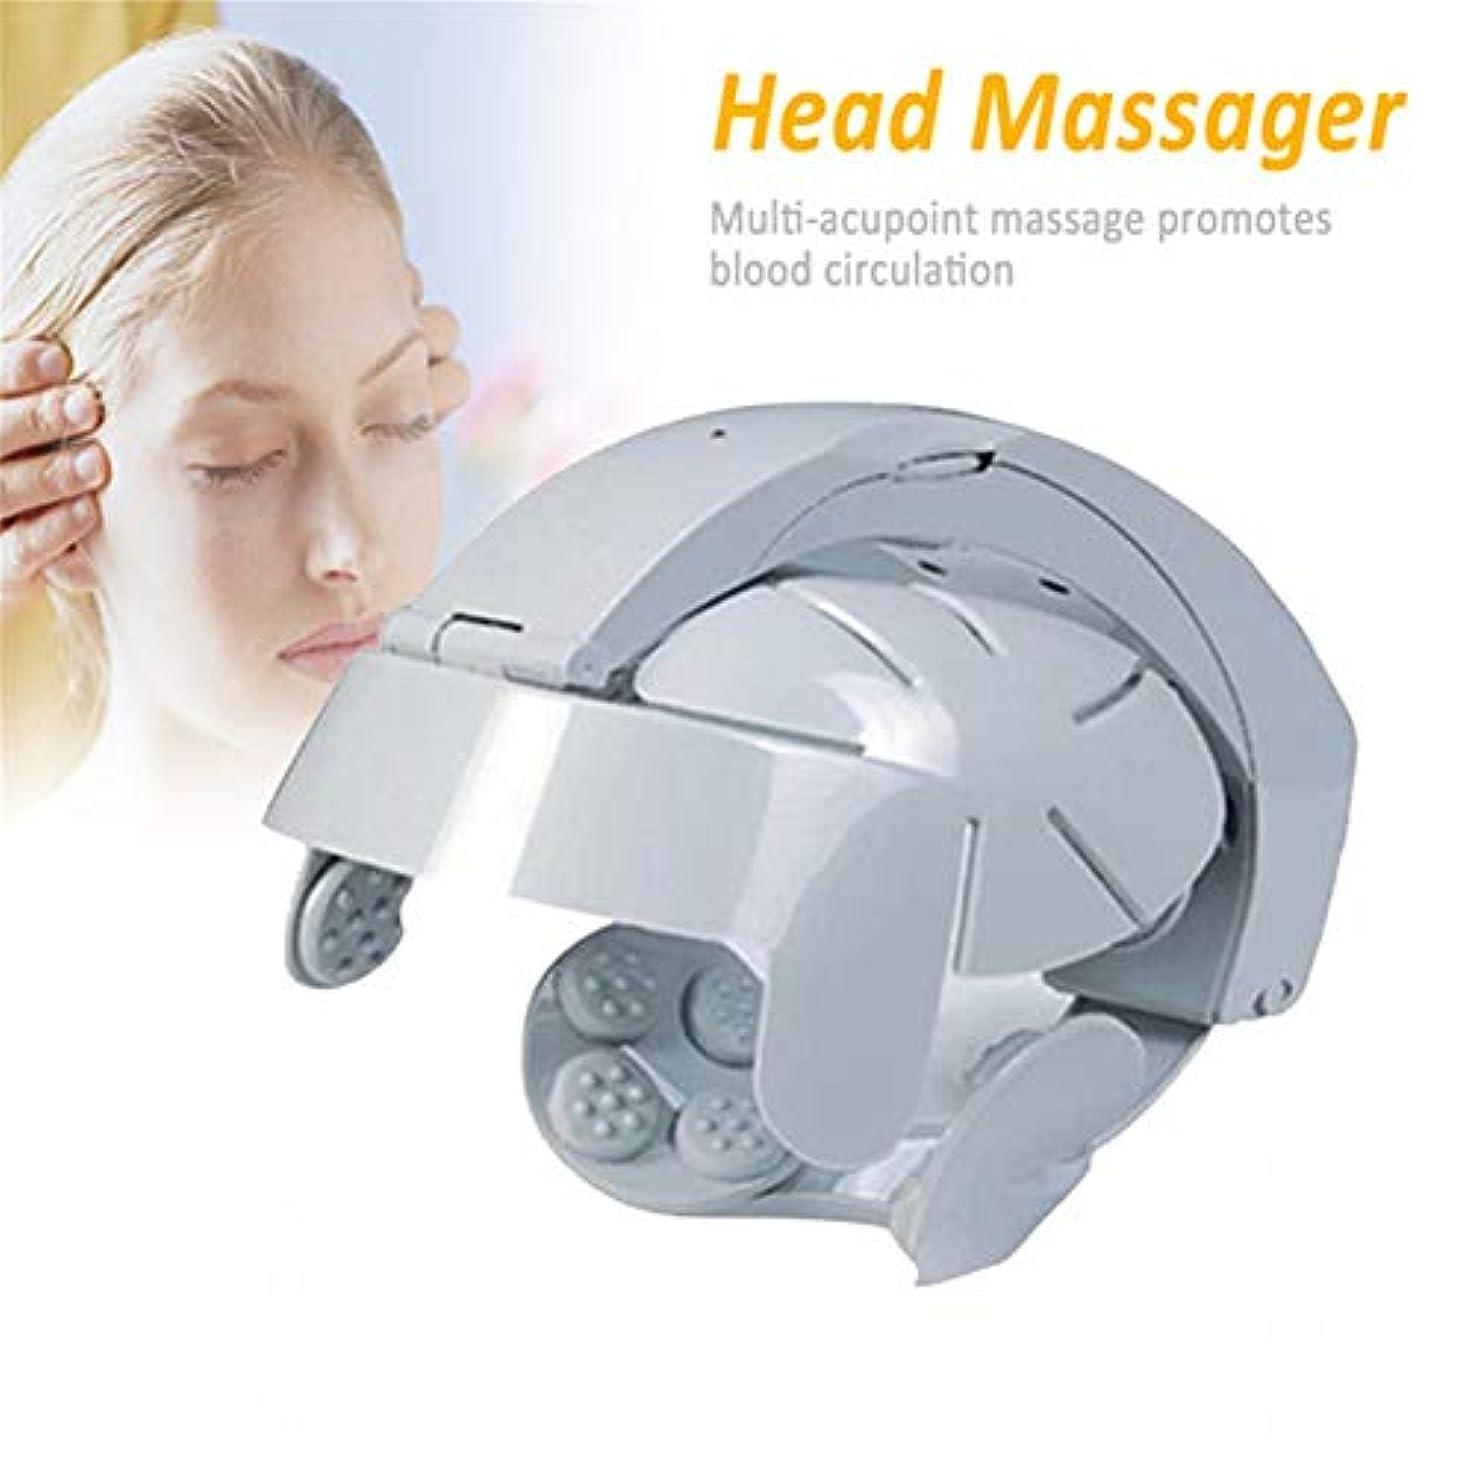 観光トロリーヒステリック電動ヘッドマッサージ器指圧ヘルメットヘッドマッサージ器で振動を緩和ストレス神経刺激を緩和して頭痛を和らげます